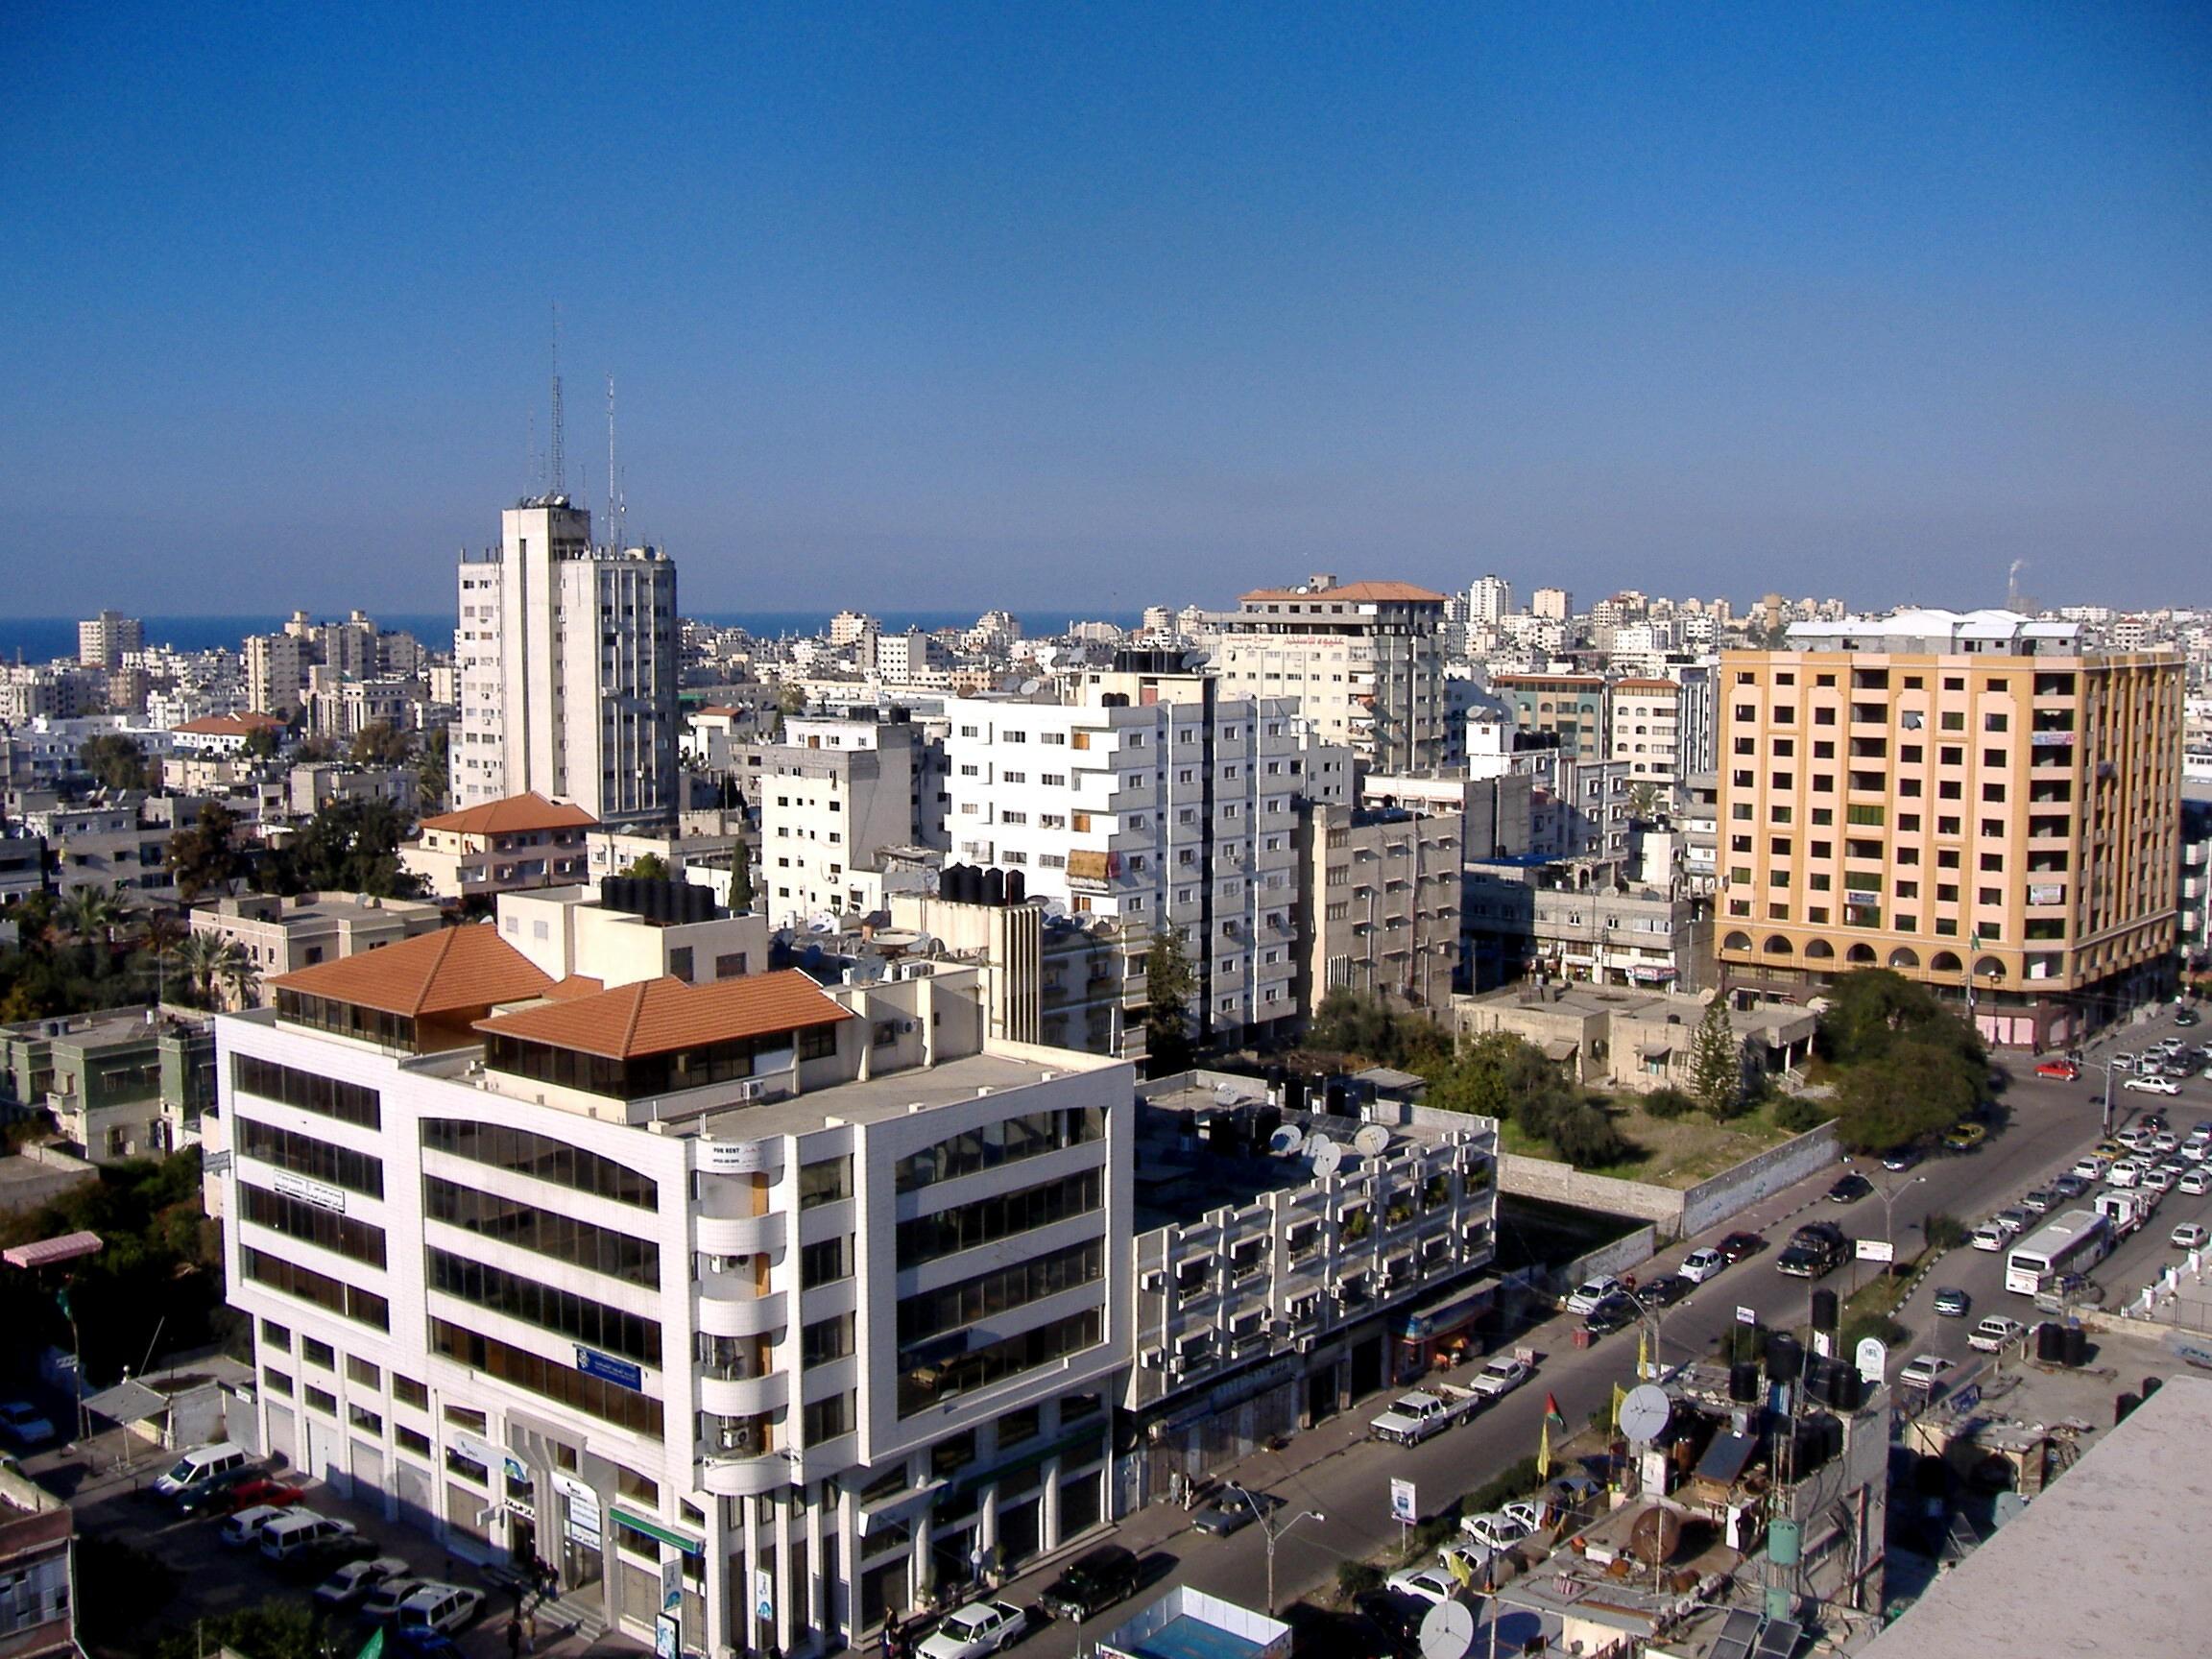 القوة الاستهلاكية تزيد من تباطؤ نمو الناتج الفلسطيني